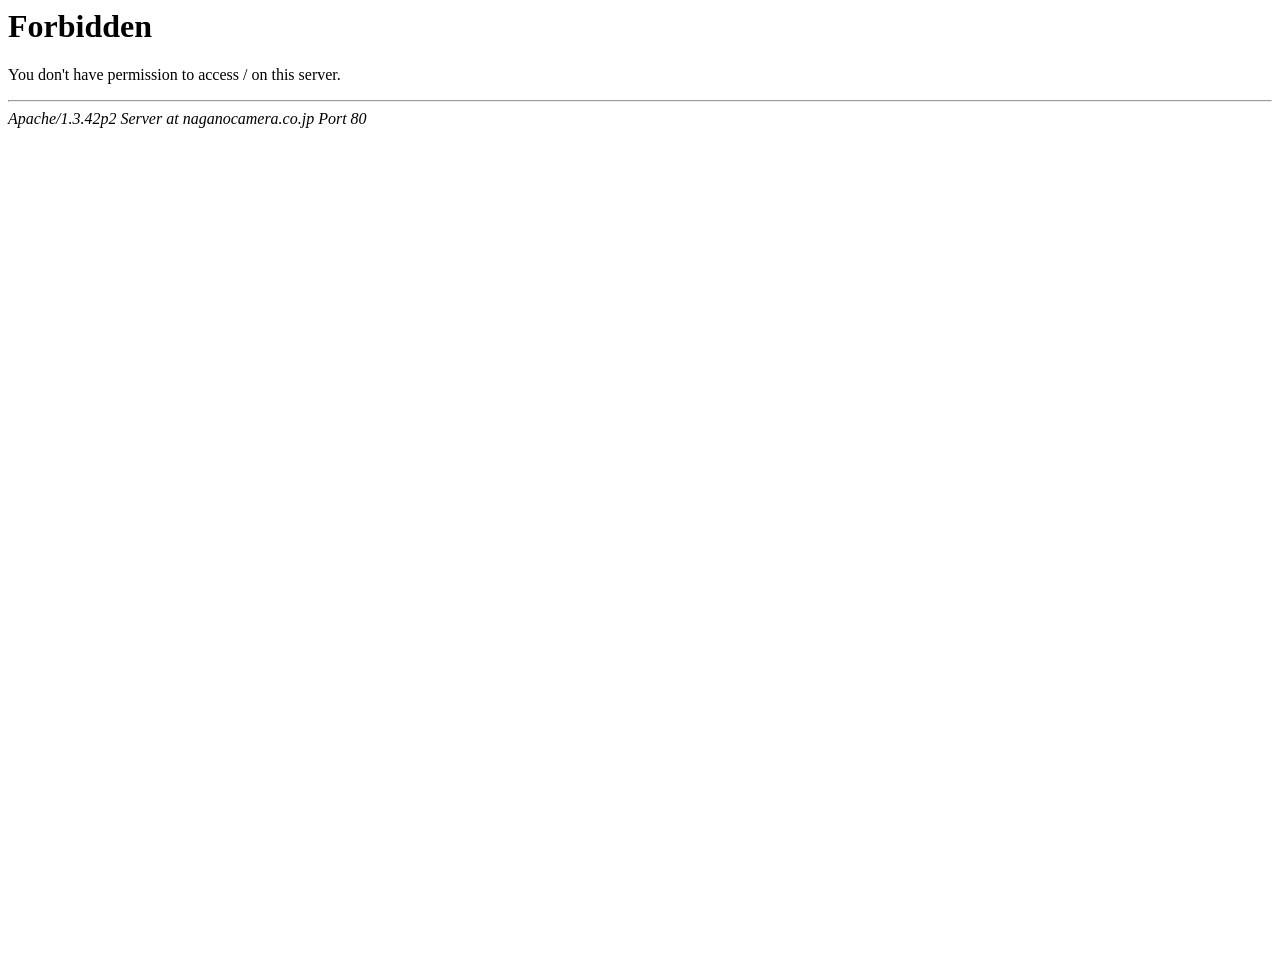 株式会社ナガノカメラ本店